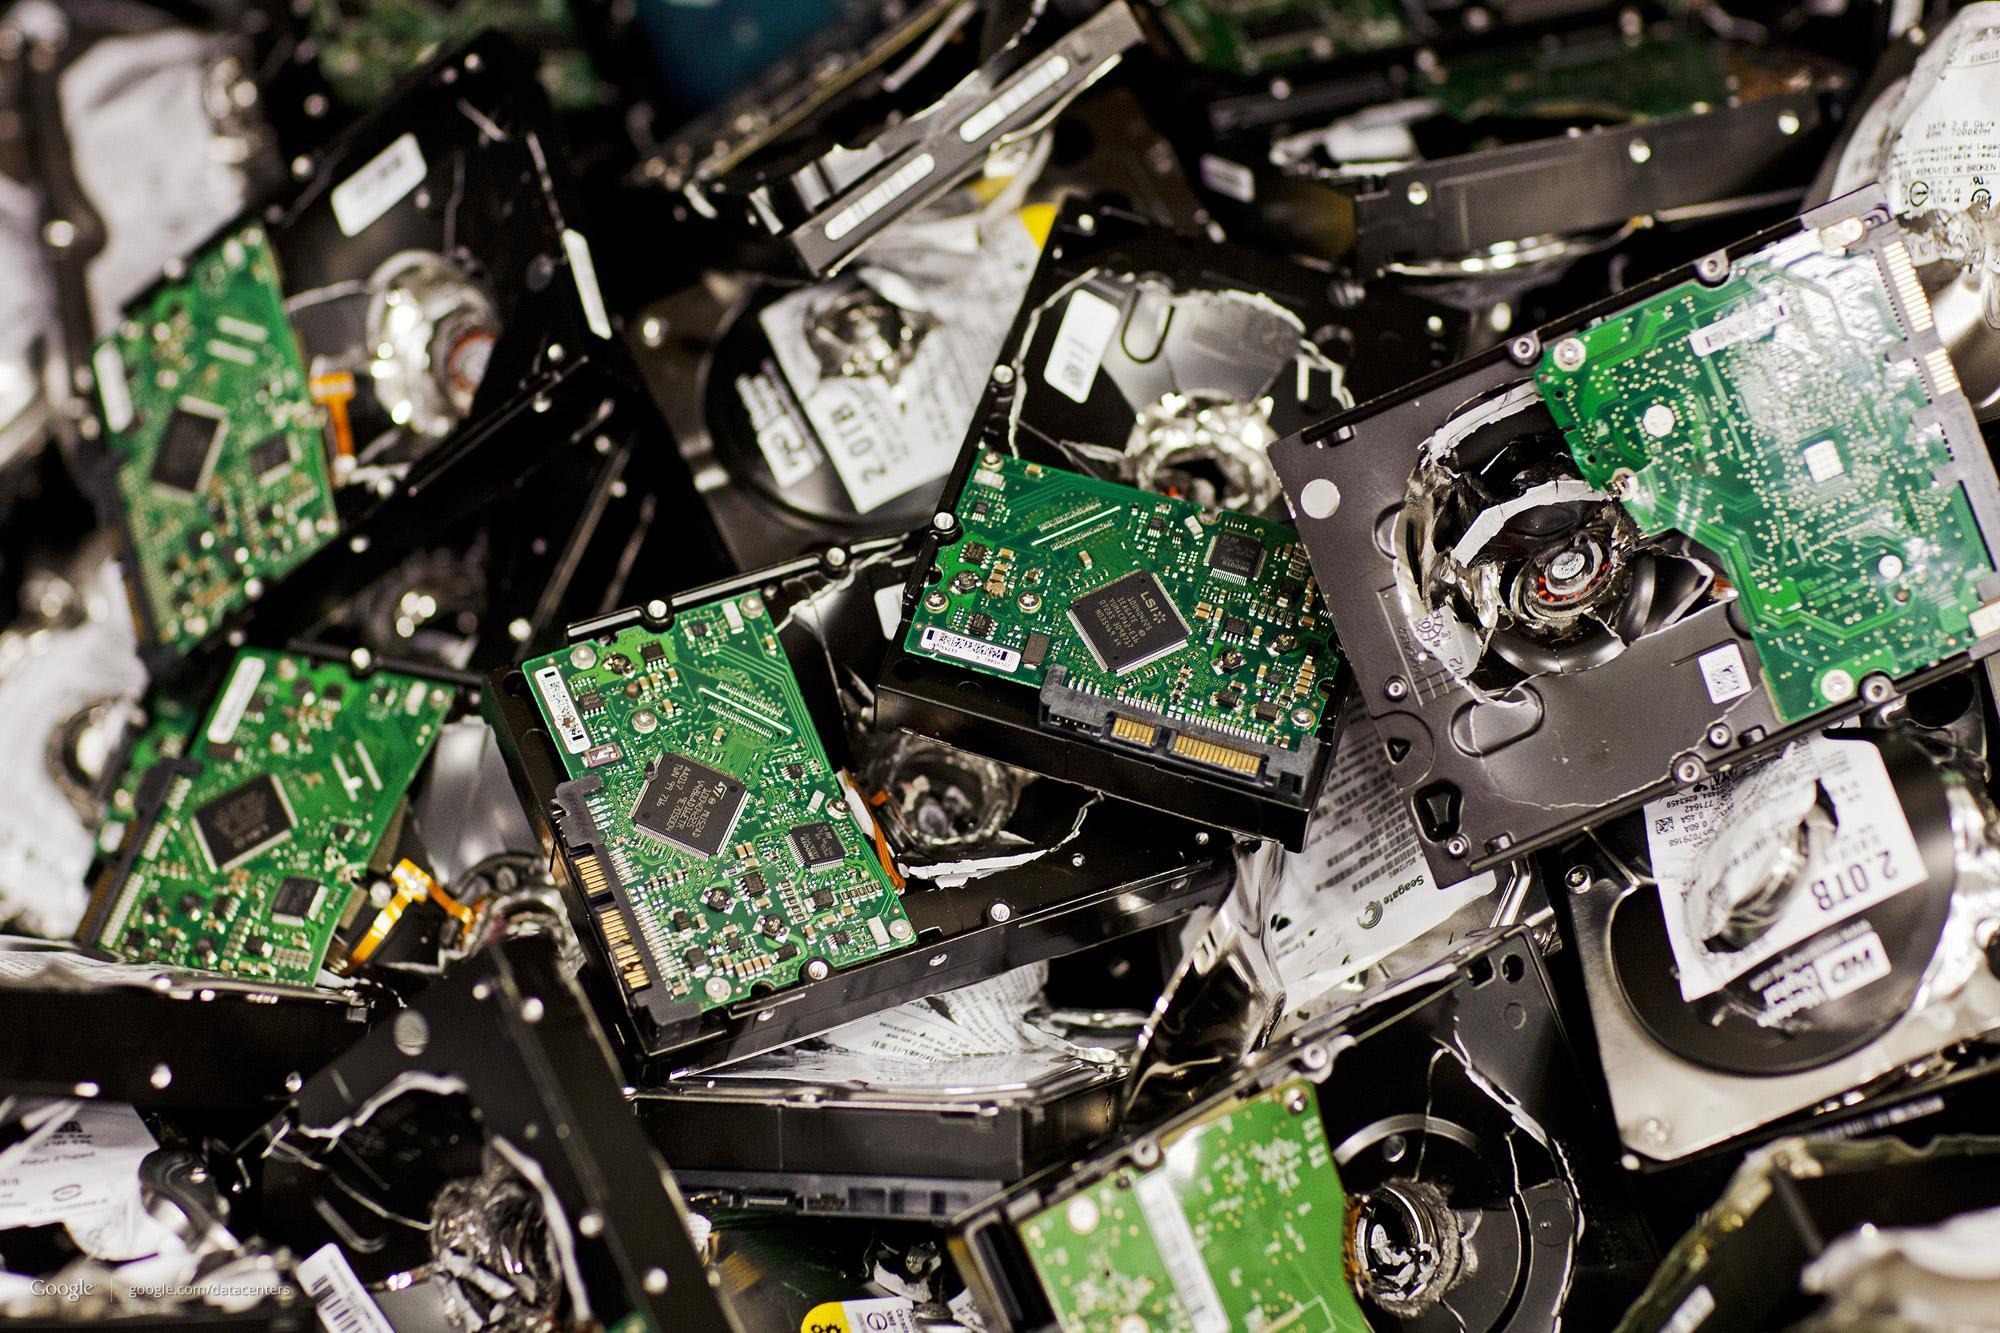 Alle brukte harddisker blir knust, for å holde brukerdata trygge.Foto: Google/Connie Zhou